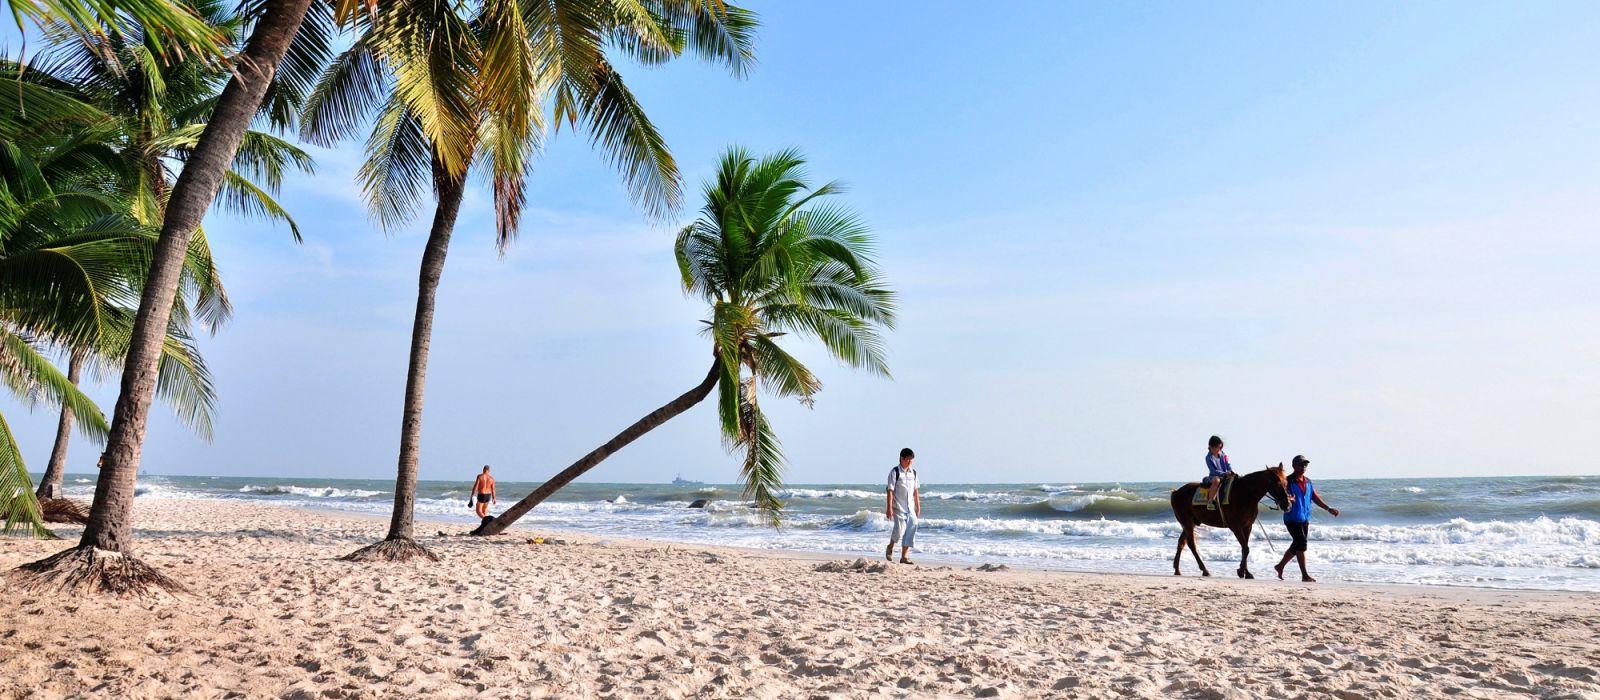 Thailand abseits ausgetretener Pfade Urlaub 6